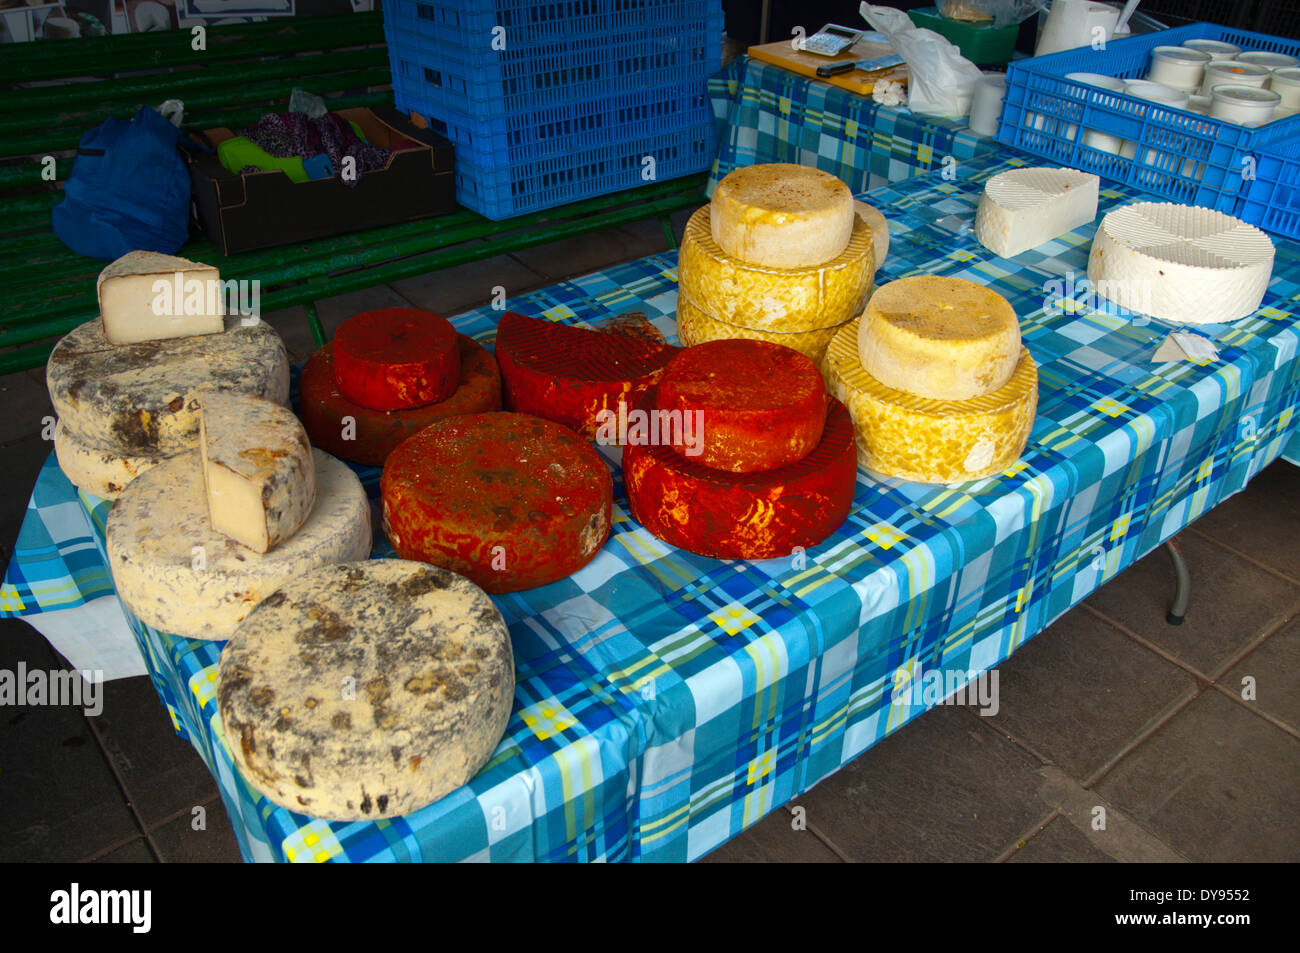 Käse, Mercado Turistico 2020 Markt außerhalb San Gines Kirche, Arrecife, Lanzarote, Kanarische Inseln, Spanien, Europa Stockbild